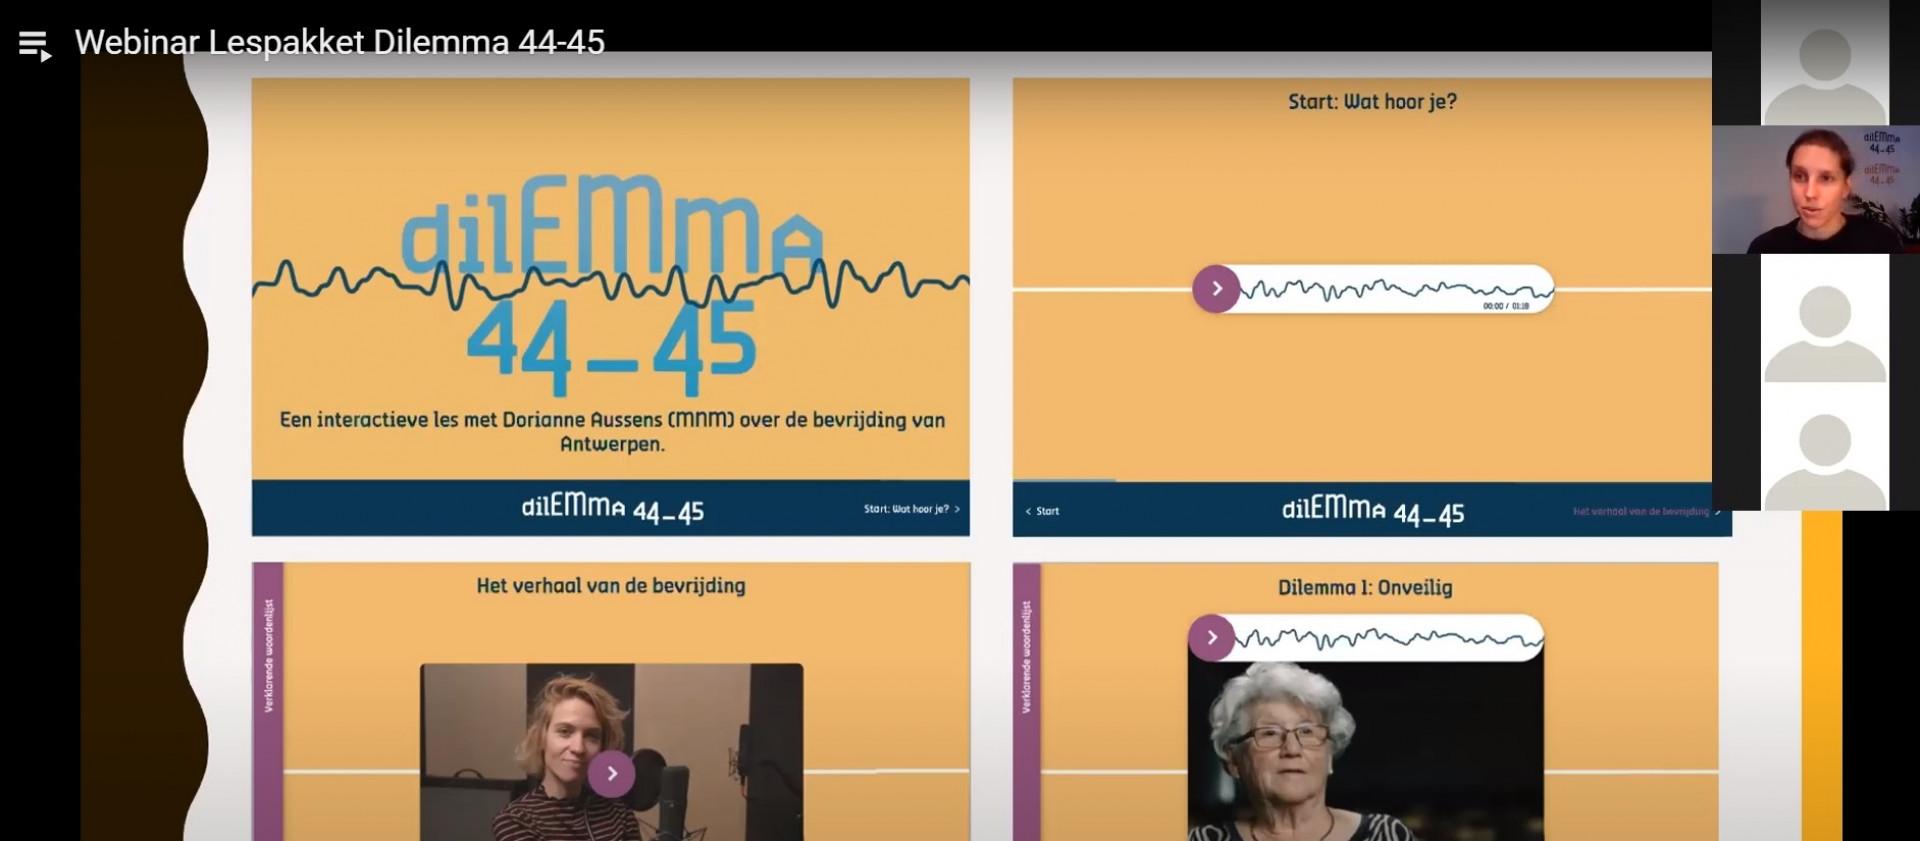 Terugkijken: webinar Dilemma 44-45